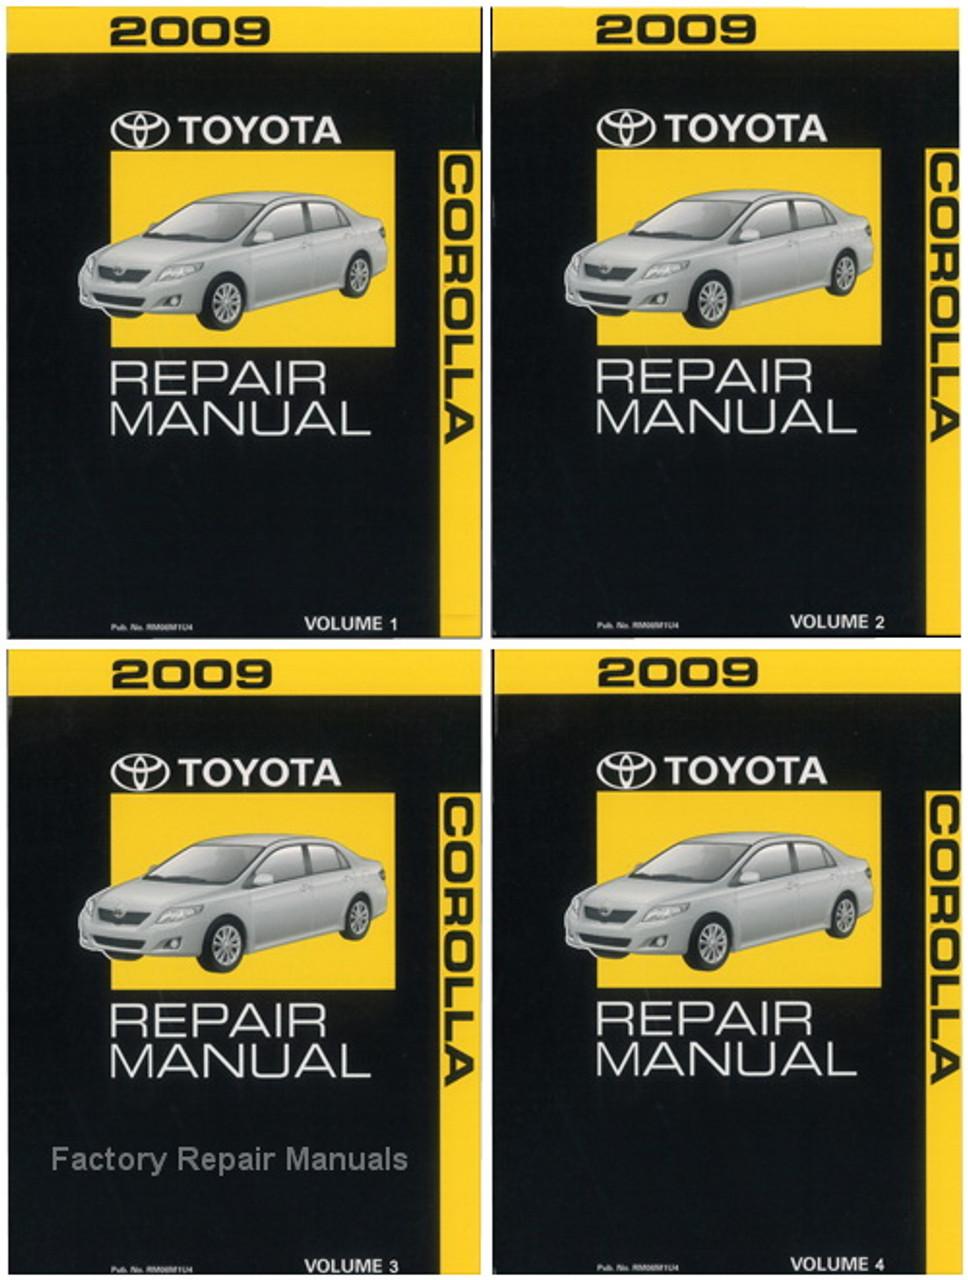 2009 Toyota Corolla Factory Repair Manual Set